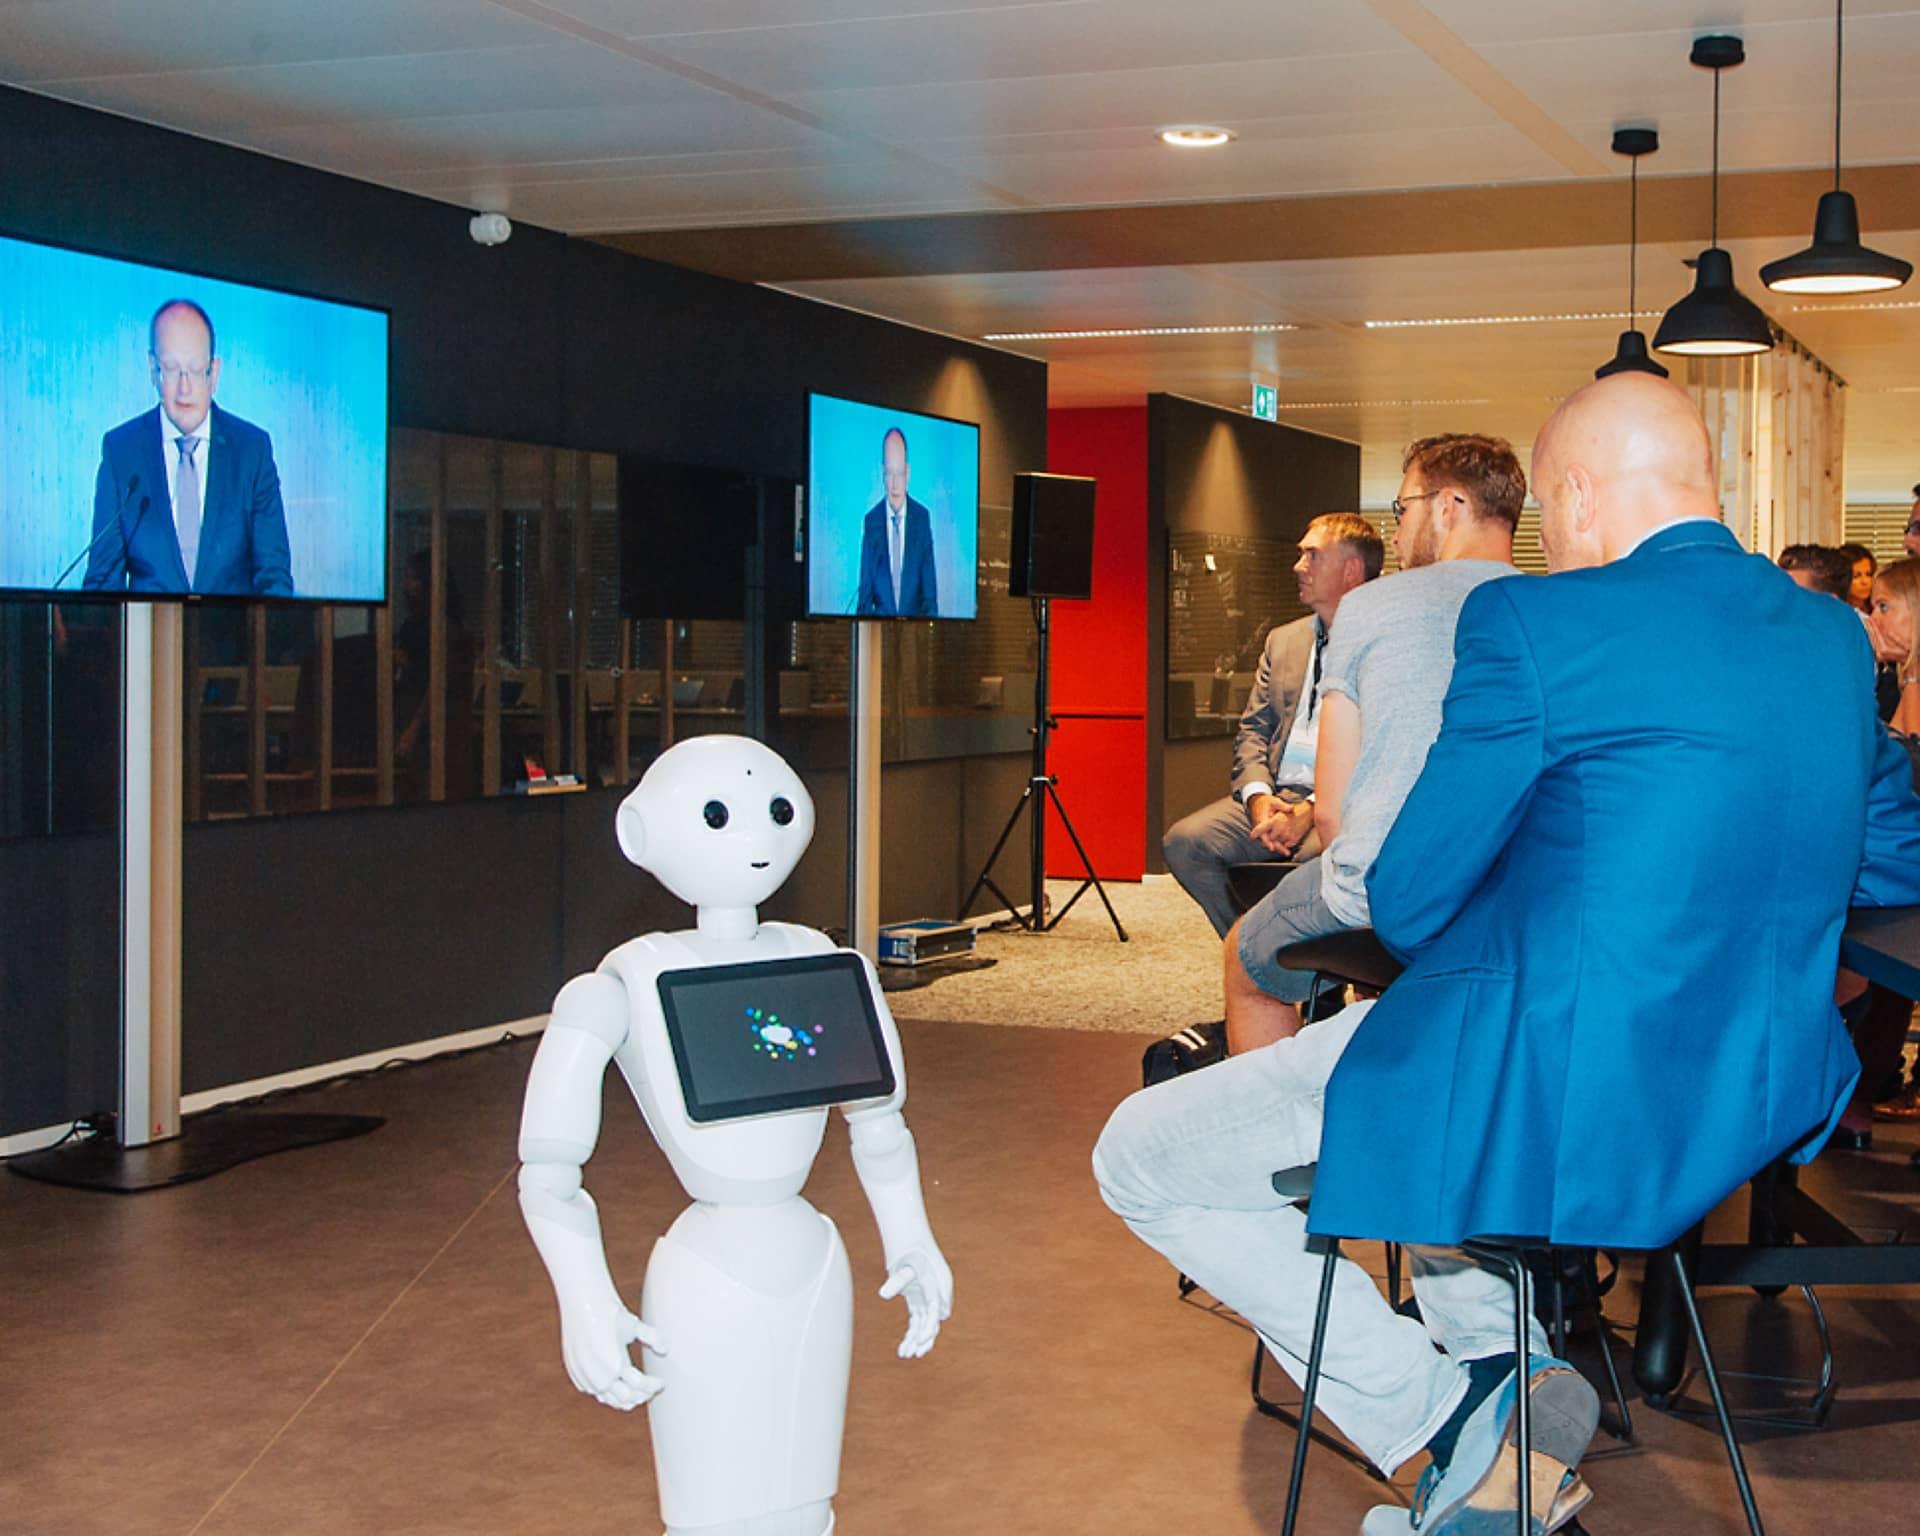 Peter Verkoulen CEO van Brightlands Smart Services Campus in Heerlen tijdens zijn openingsspeech wordt gevold middels een livestream